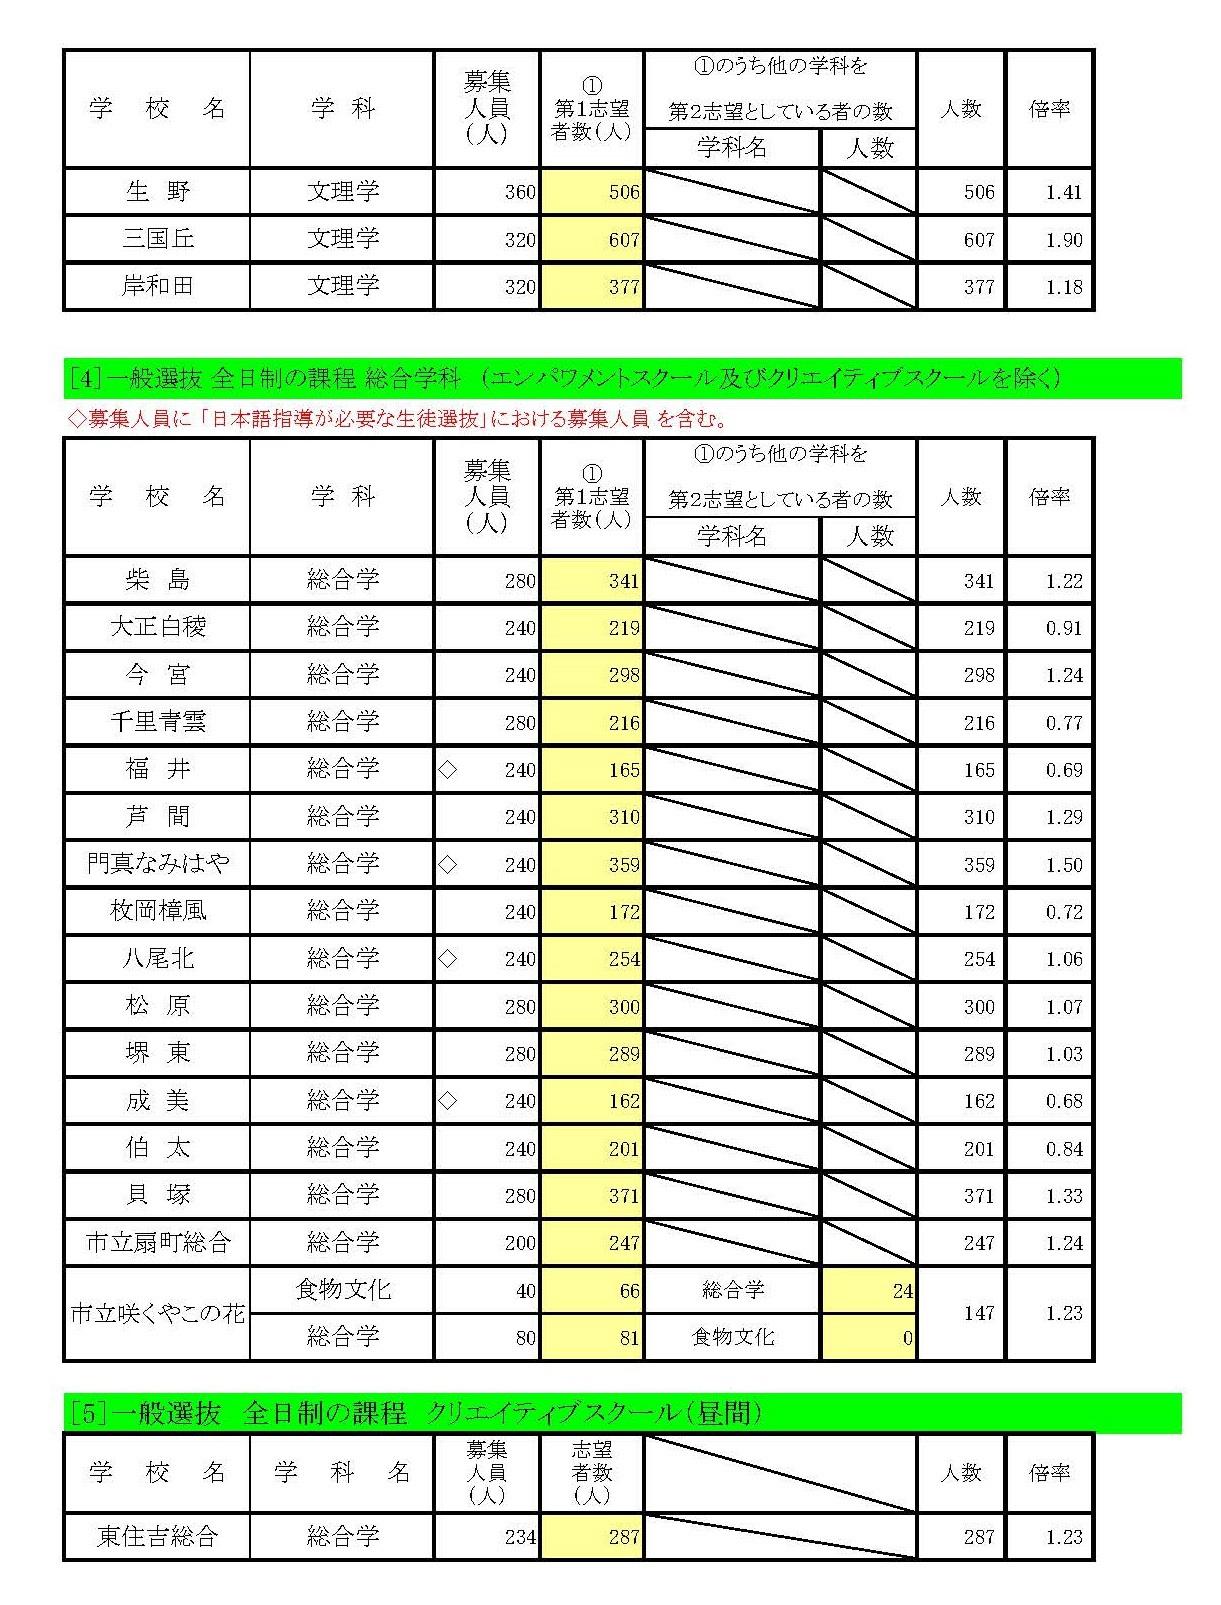 速報!大阪府 公立高校2018年度入試 第3回進路希望調査の結果